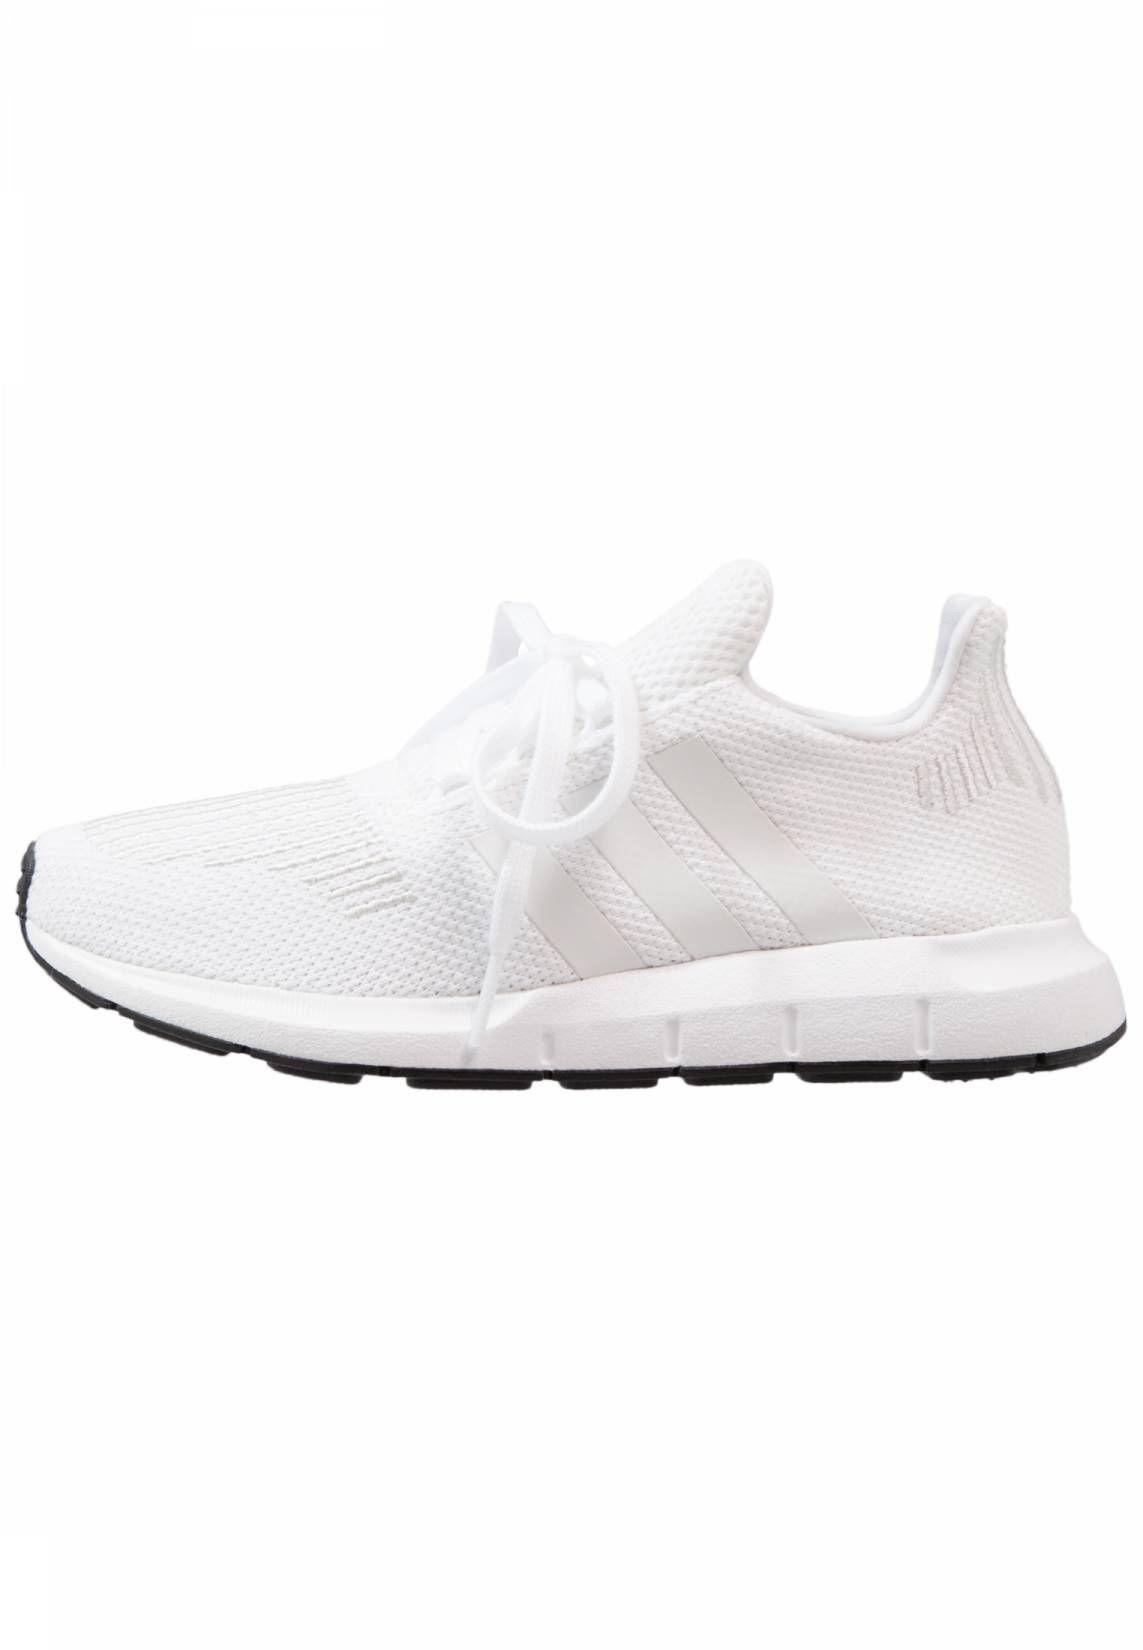 adidas Originals. SWIFT RUN - Sneakers laag - white. voering:textiel.  Voeringdikte